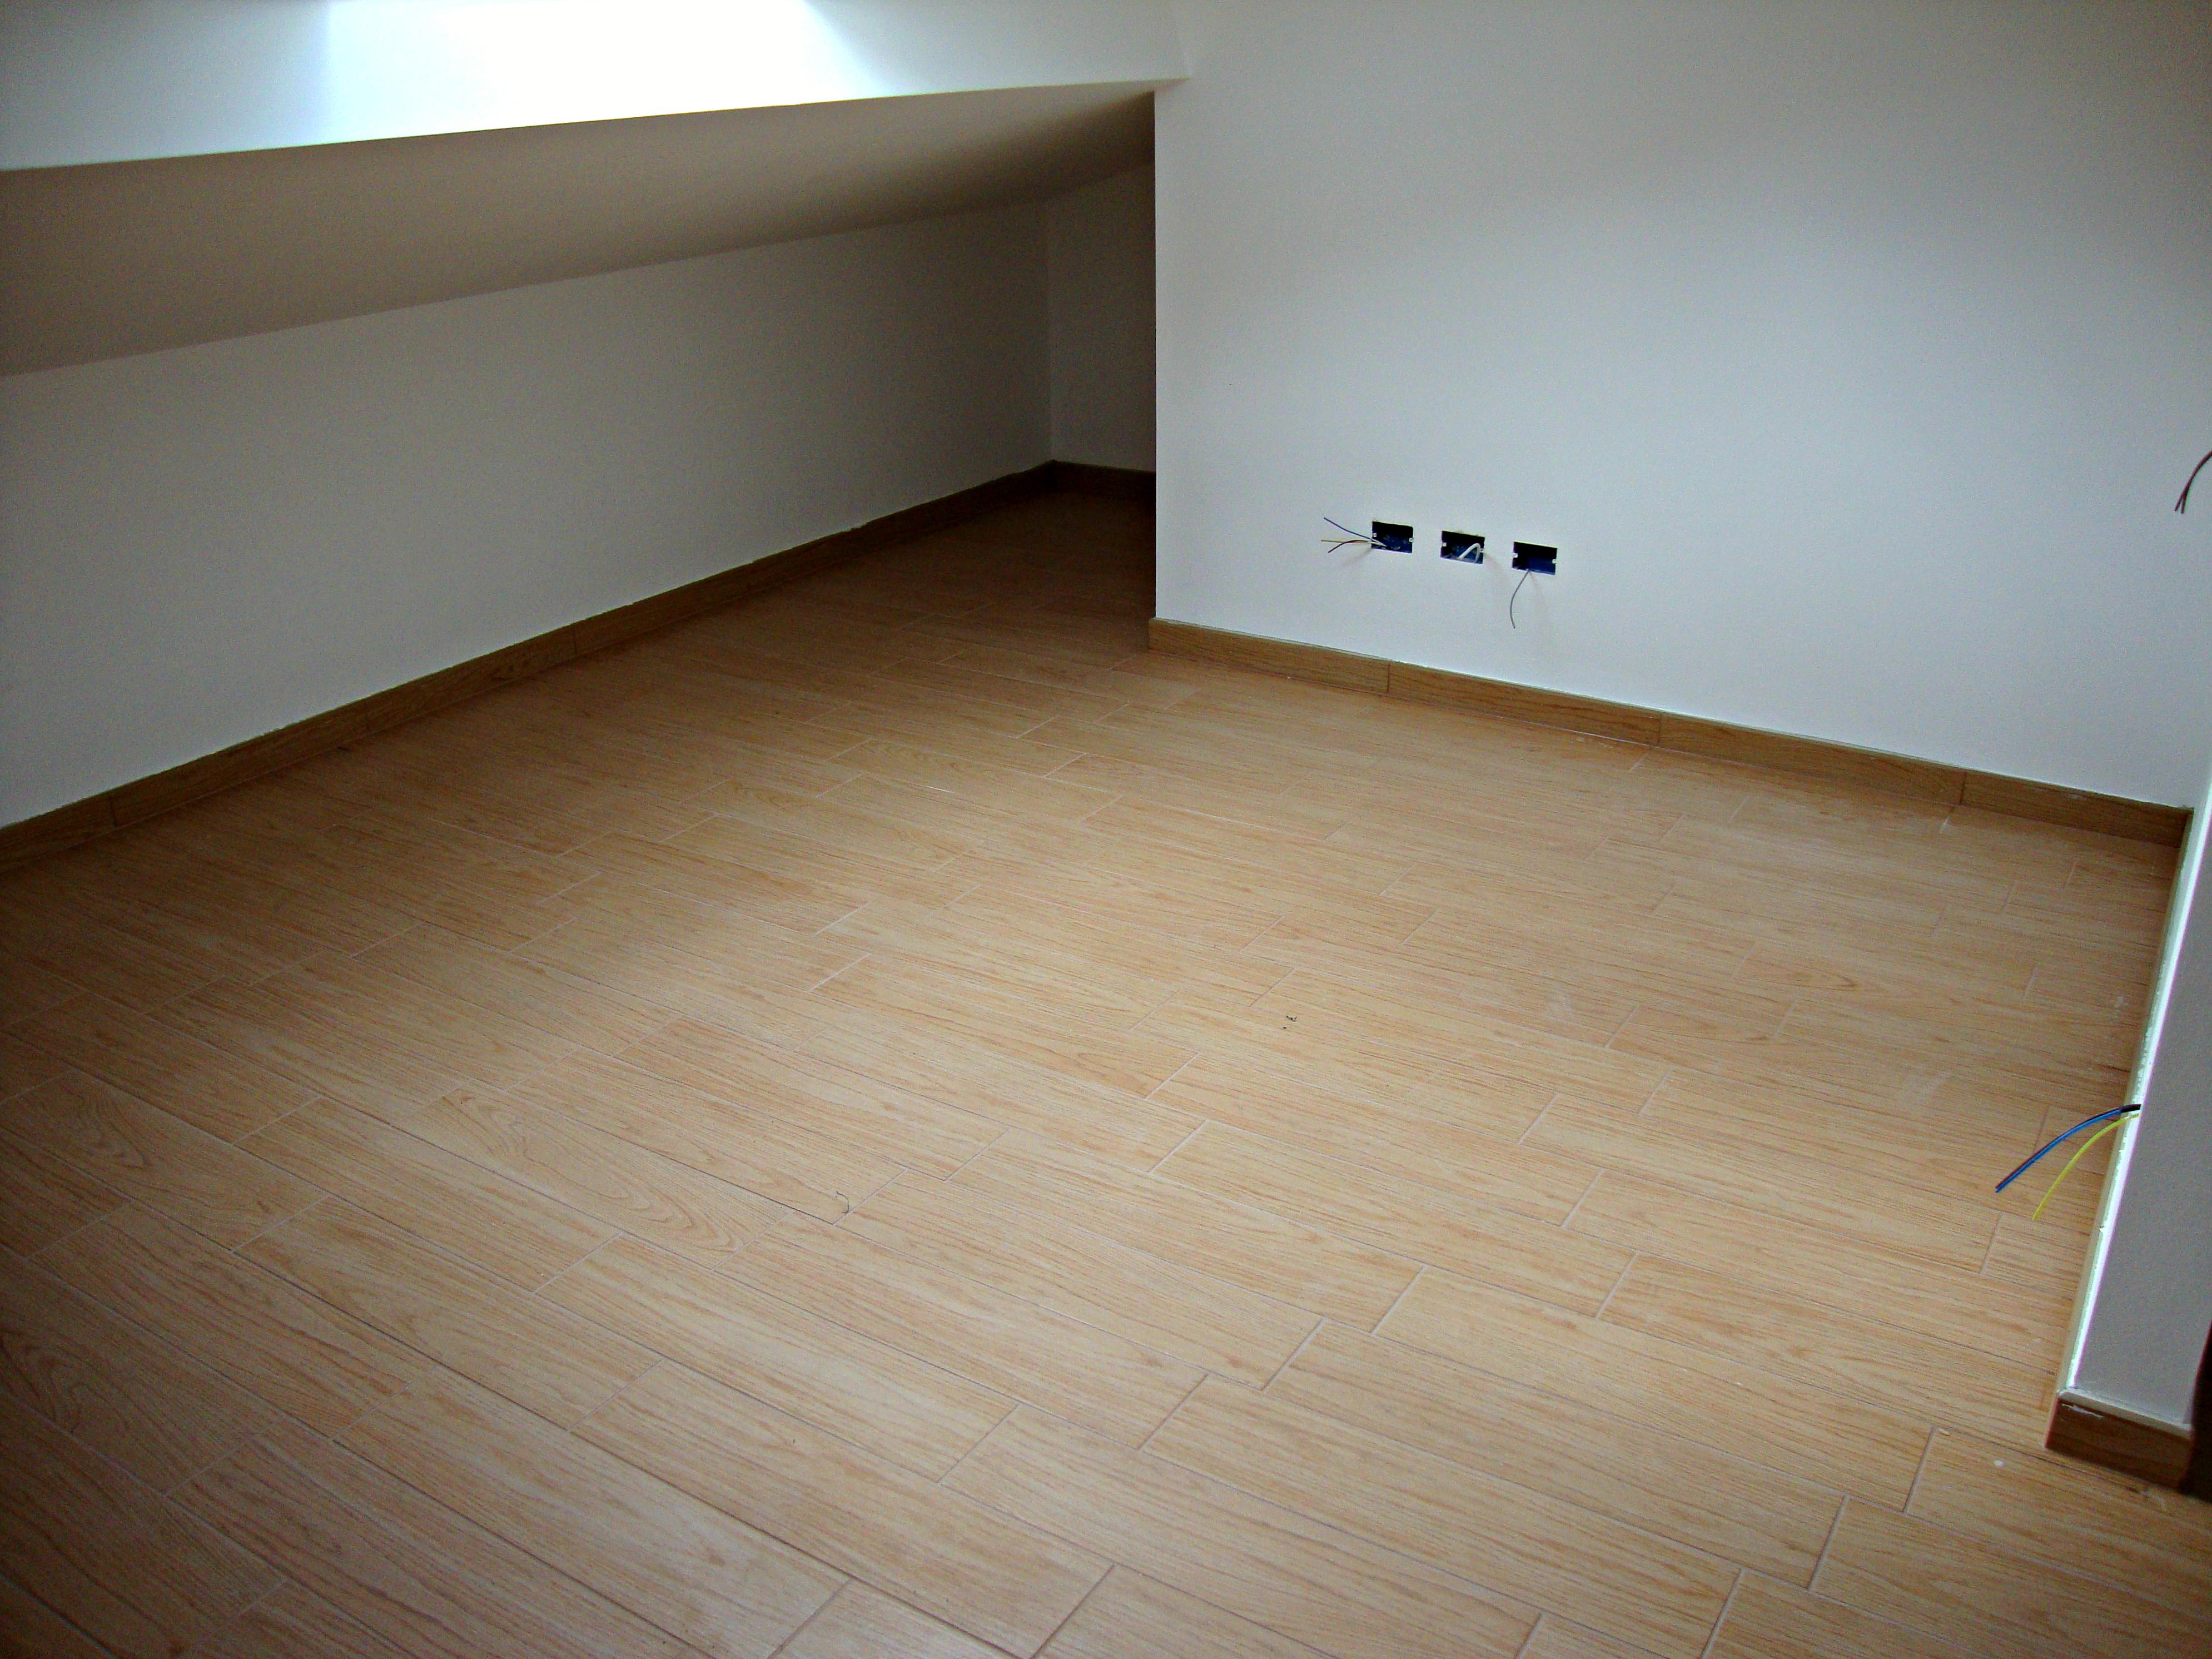 Mobili lavelli pavimento gres finto legno for Pavimento ceramica effetto parquet